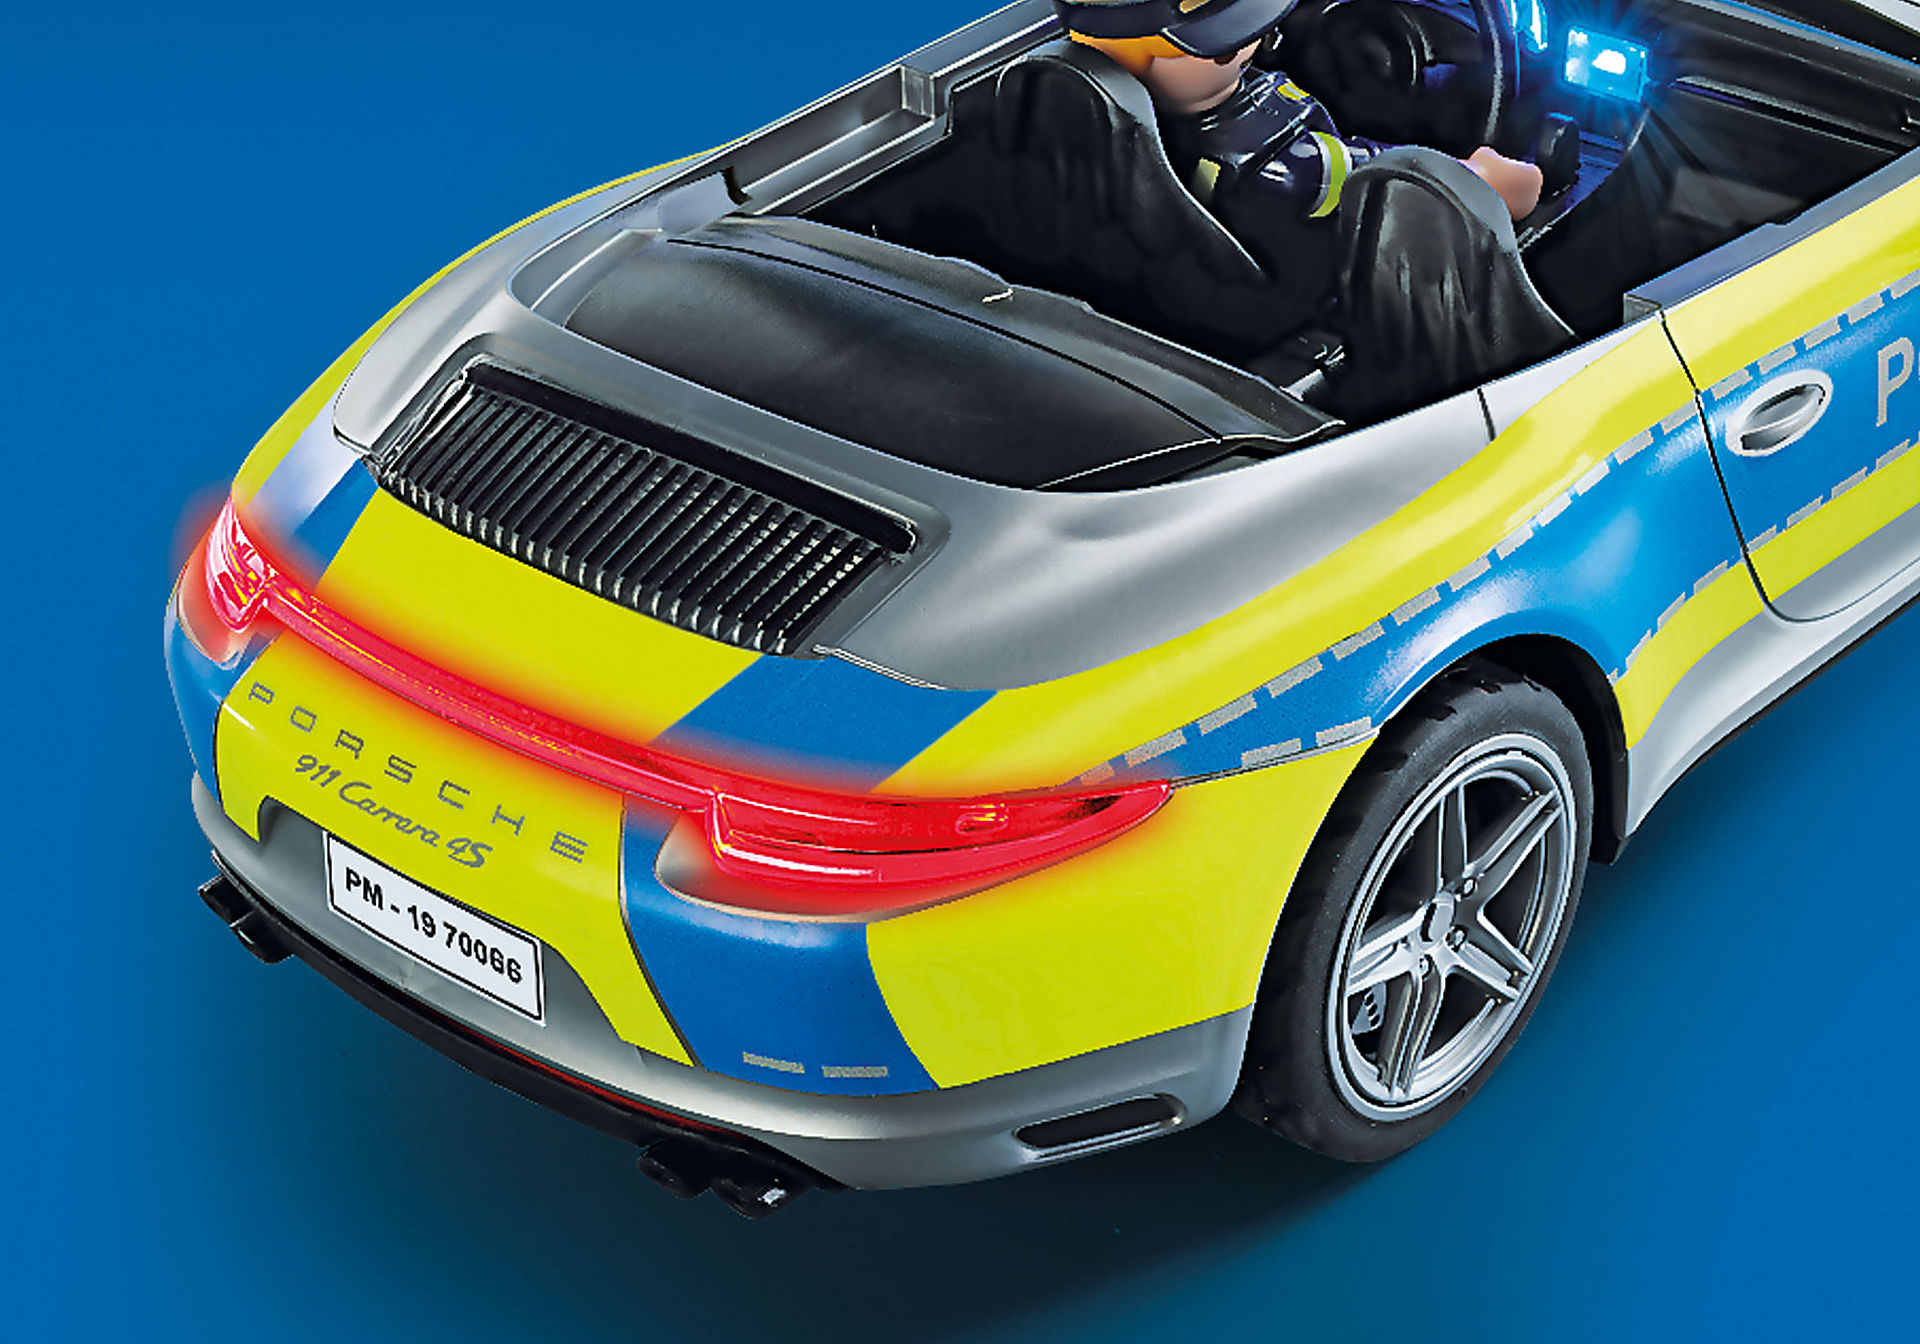 70066 Porsche 911 Carrera 4S Policía zoom image6